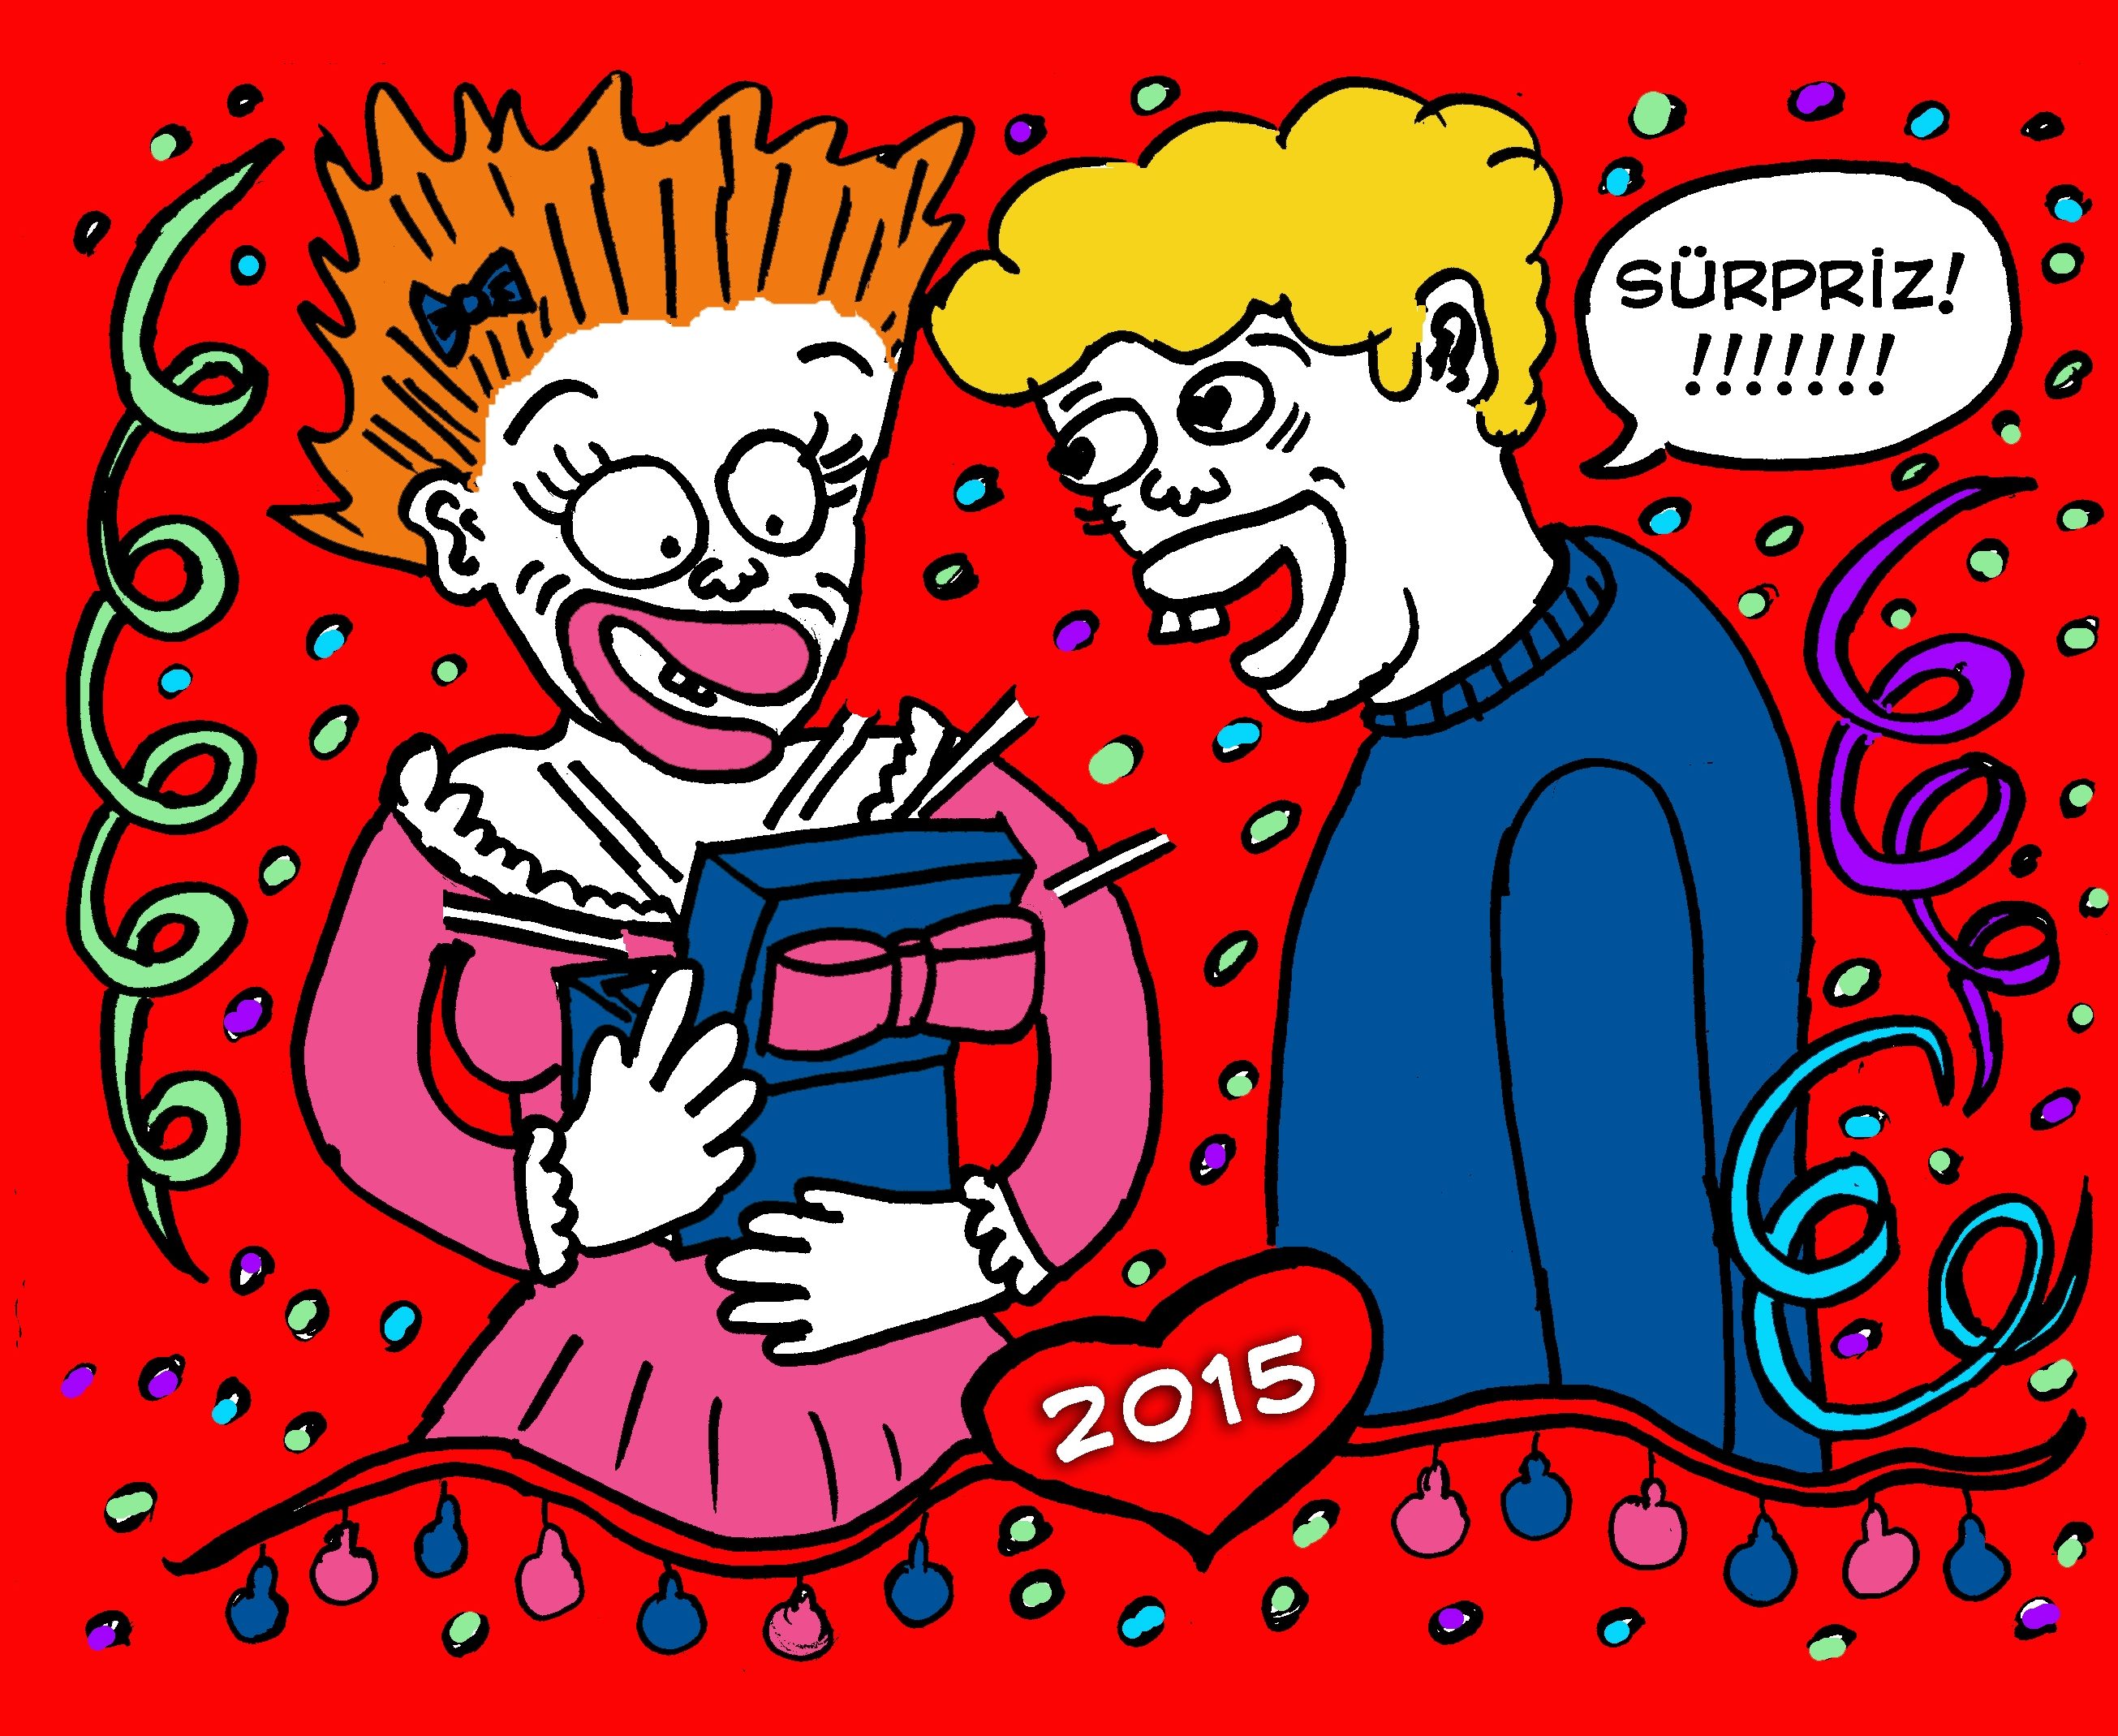 Sence o kutunun içinde ne var? En komik, en eğlenceli, en yaratıcı yılbaşı hediyesi fikrini bekliyoruz!